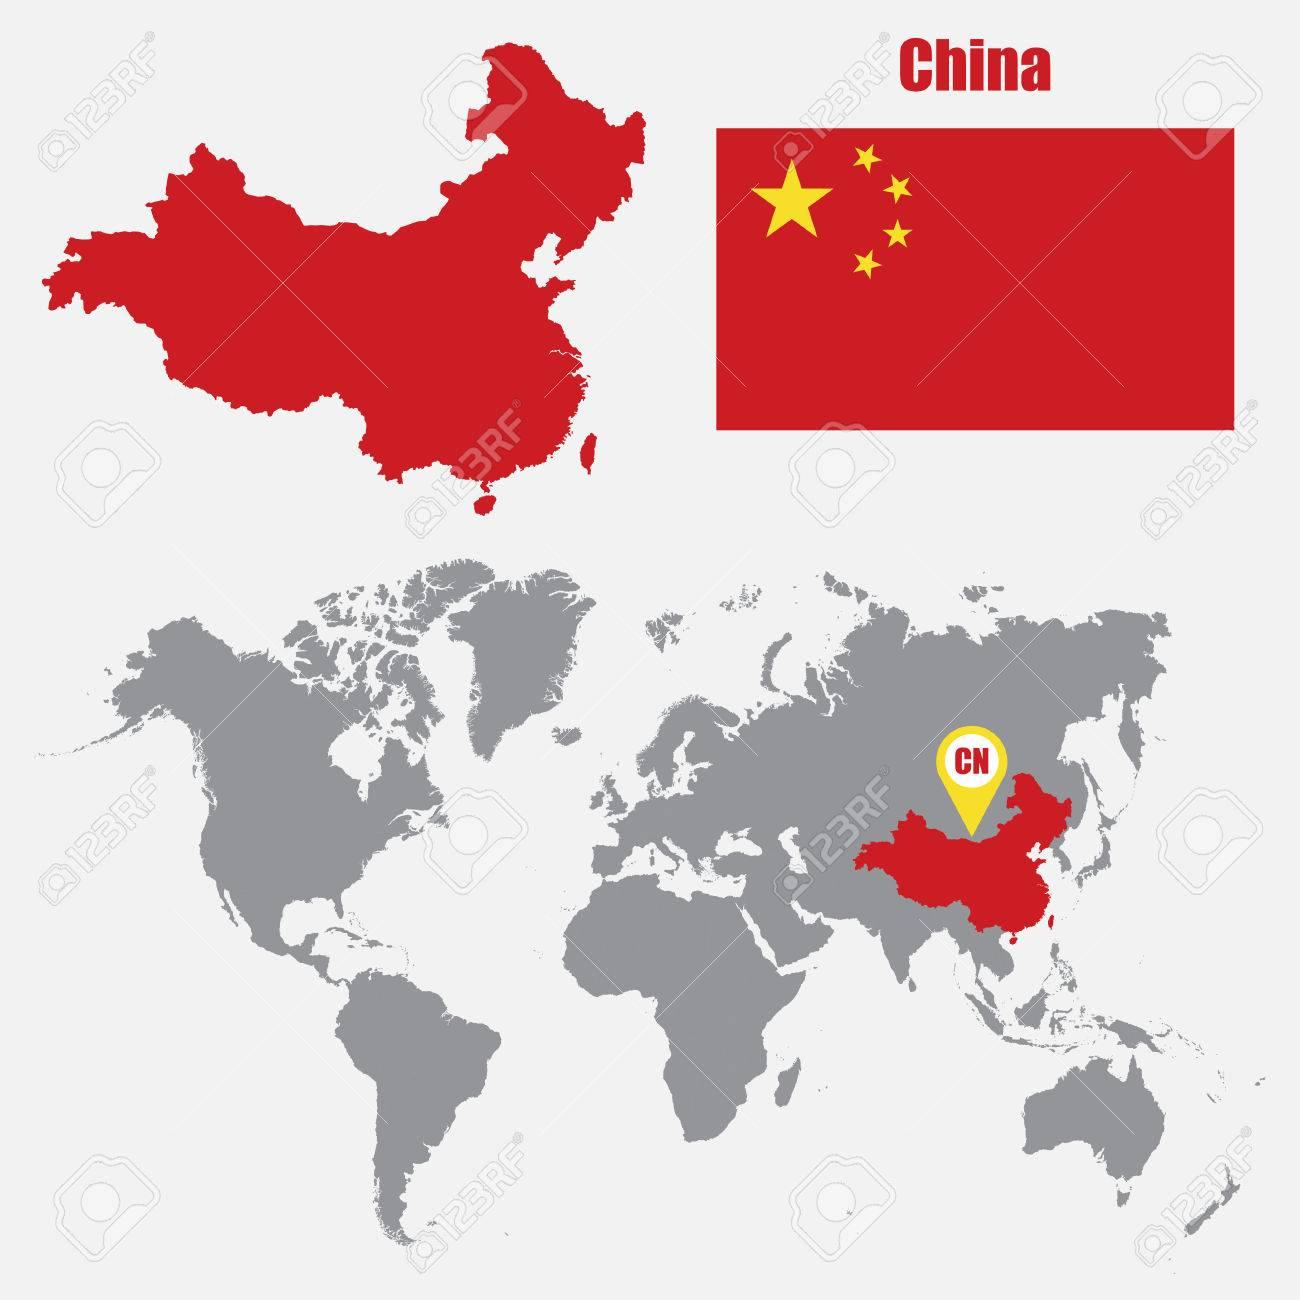 Mapa Del Mundo China.China Mapa En Un Mapa Del Mundo Con La Bandera Y El Puntero Del Mapa Ilustracion Vectorial Ilustraciones Vectoriales Clip Art Vectorizado Libre De Derechos Image 61567640